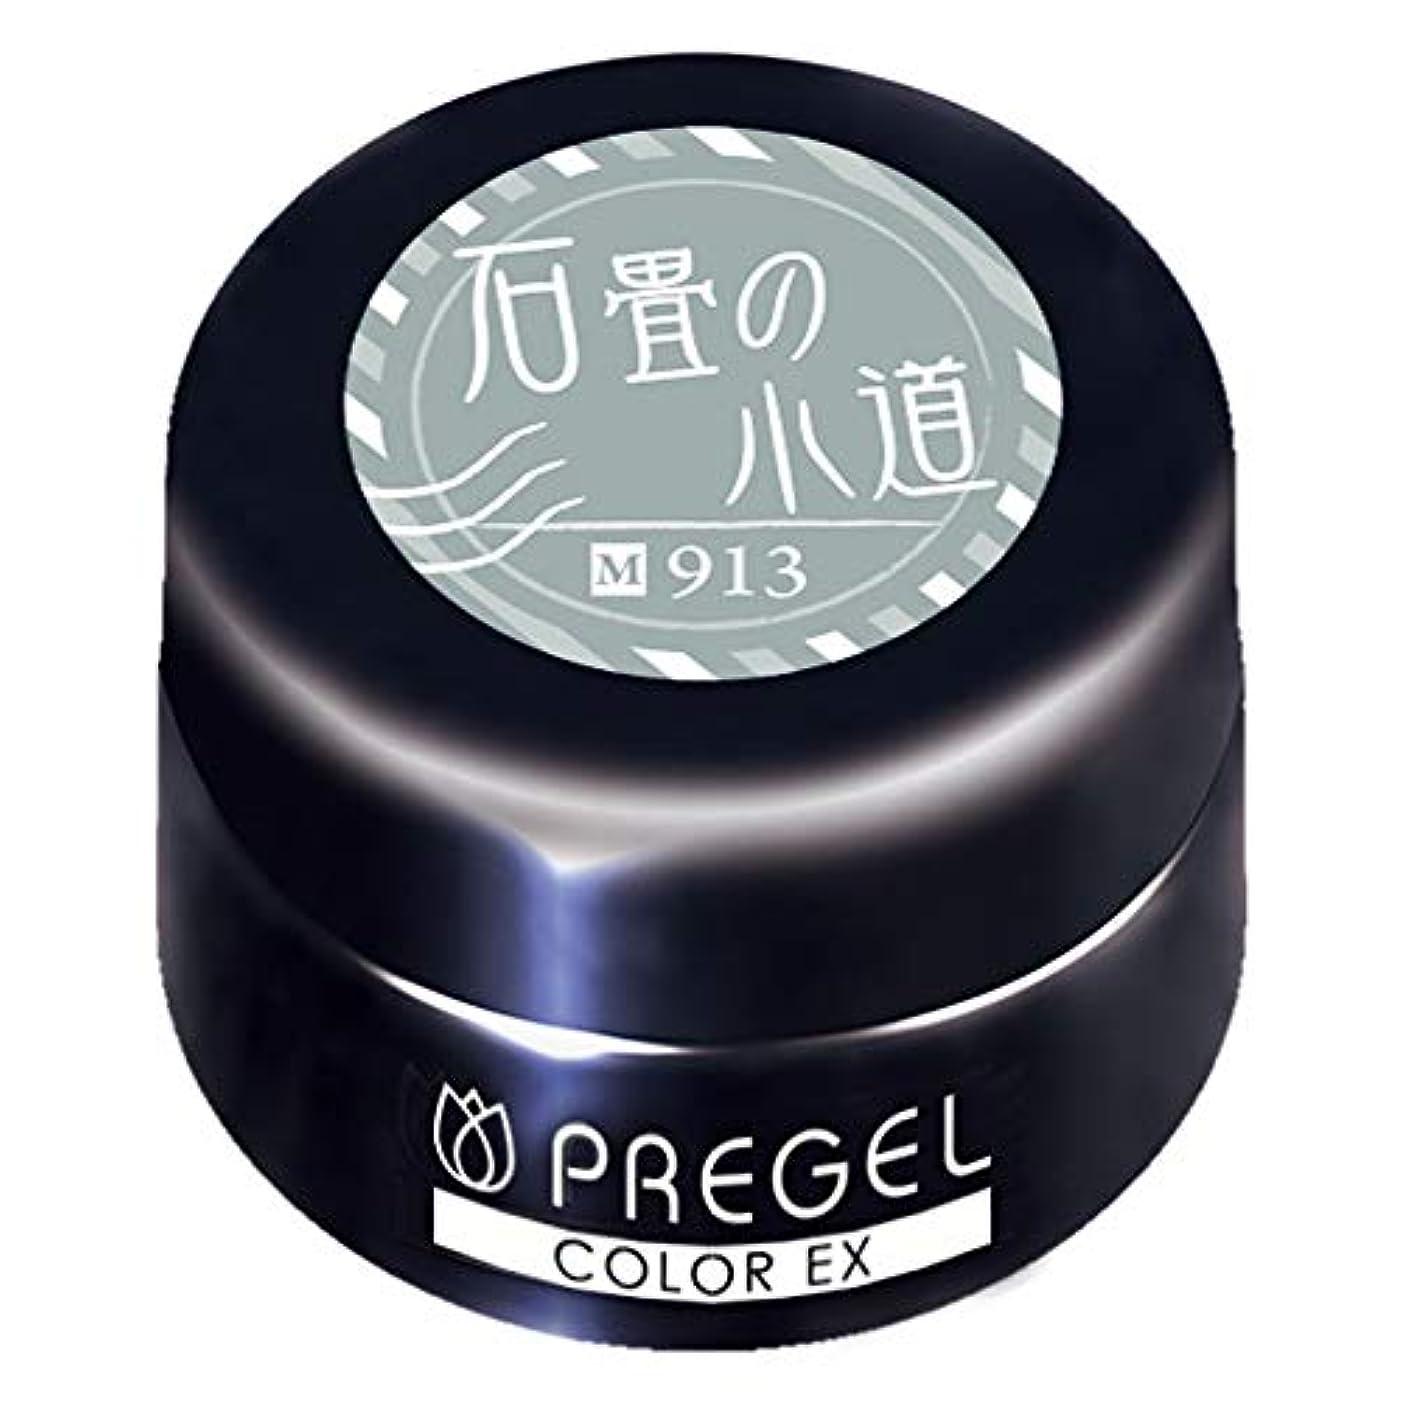 特定の役に立つ差別PRE GEL カラーEX 石畳の小道913 3g PG-CE913 UV/LED対応